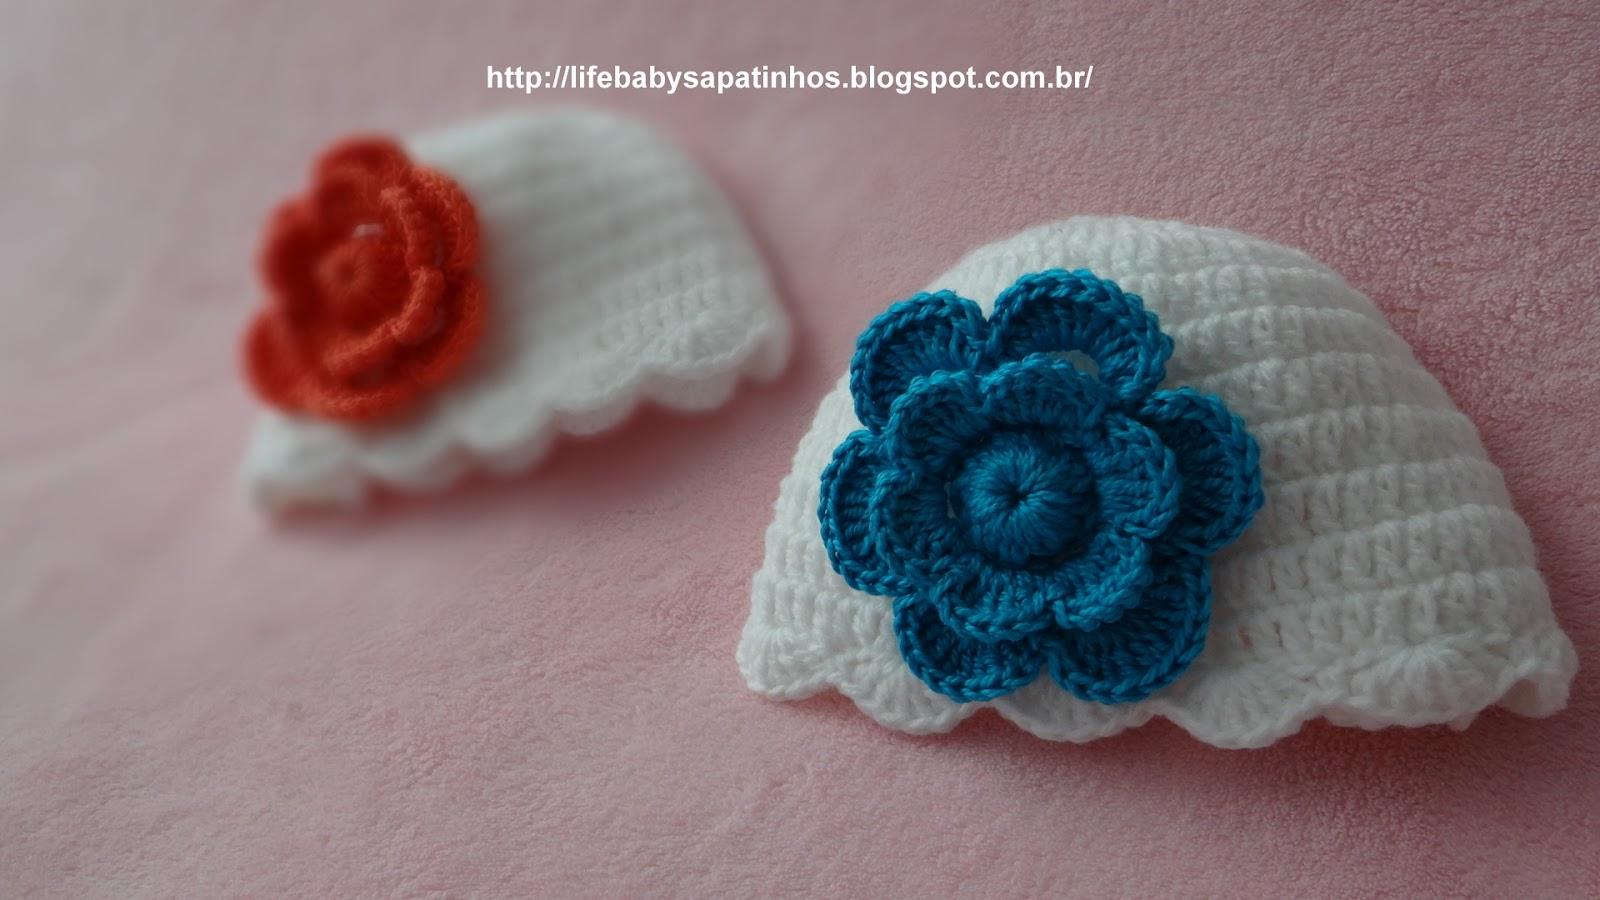 Passo a passo touca Para Bebê com Flor - Ateliê do Crochê 6c686b80c7a